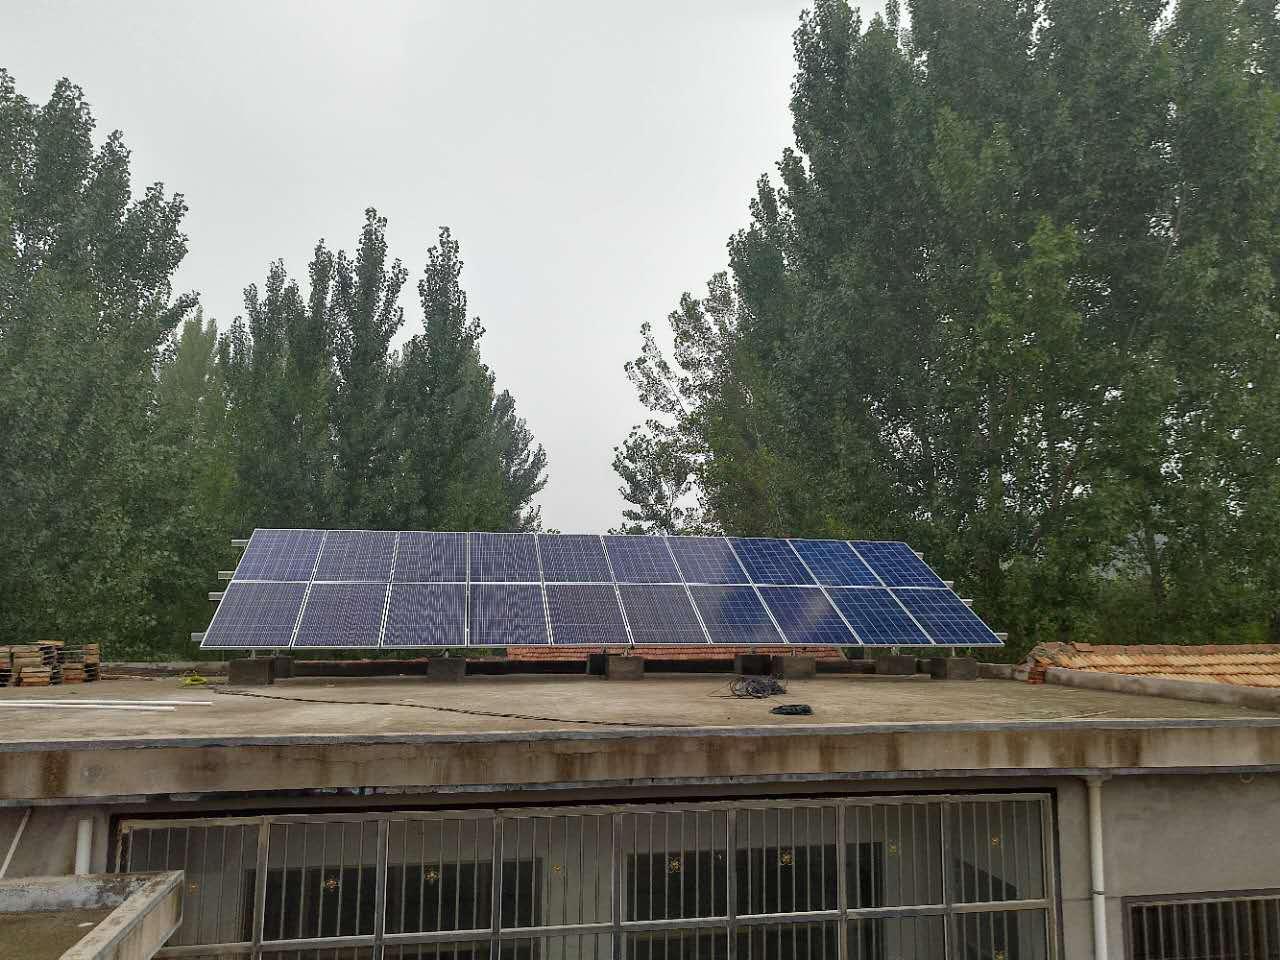 山东分布式光伏发电 央企品牌军工企业航天机电太阳能光伏招商